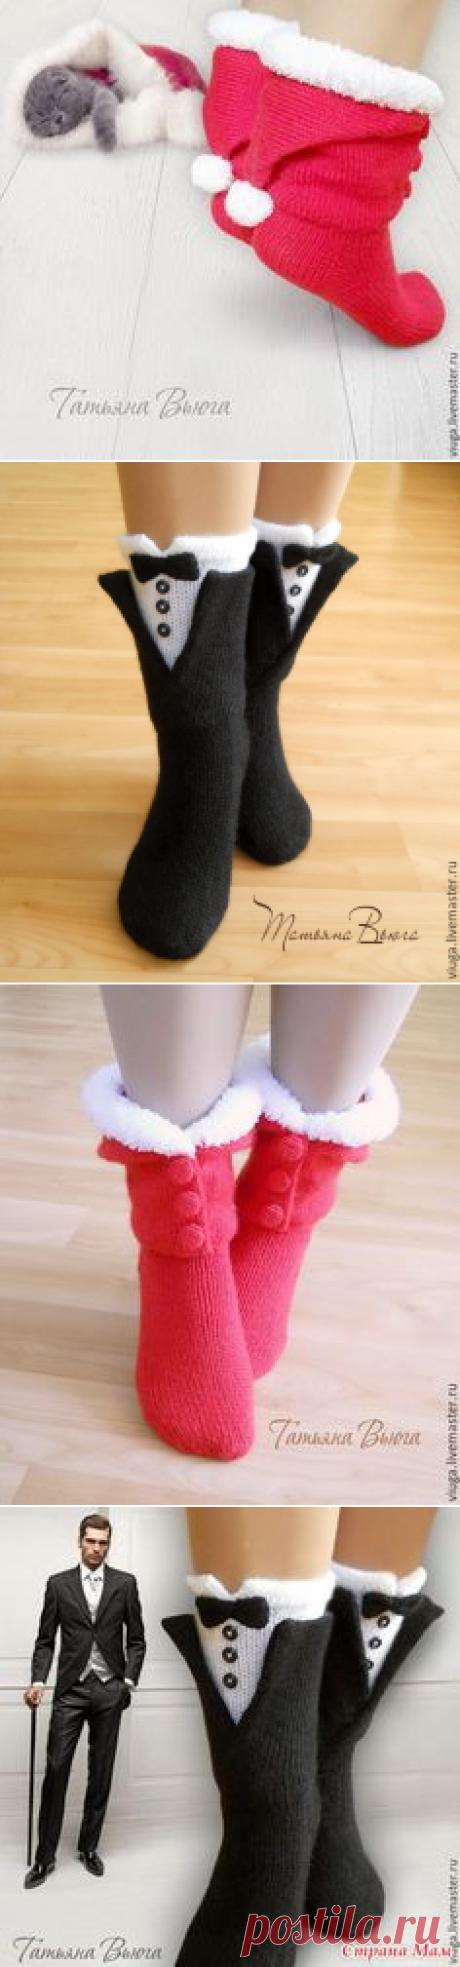 Носки шерстяные, вязаные носки, обувь для дома, домашняя обувь, сапожки вязанные, гетры высокие длинные, носки в подарок, носки мужские, женские, н… | Pinteres…